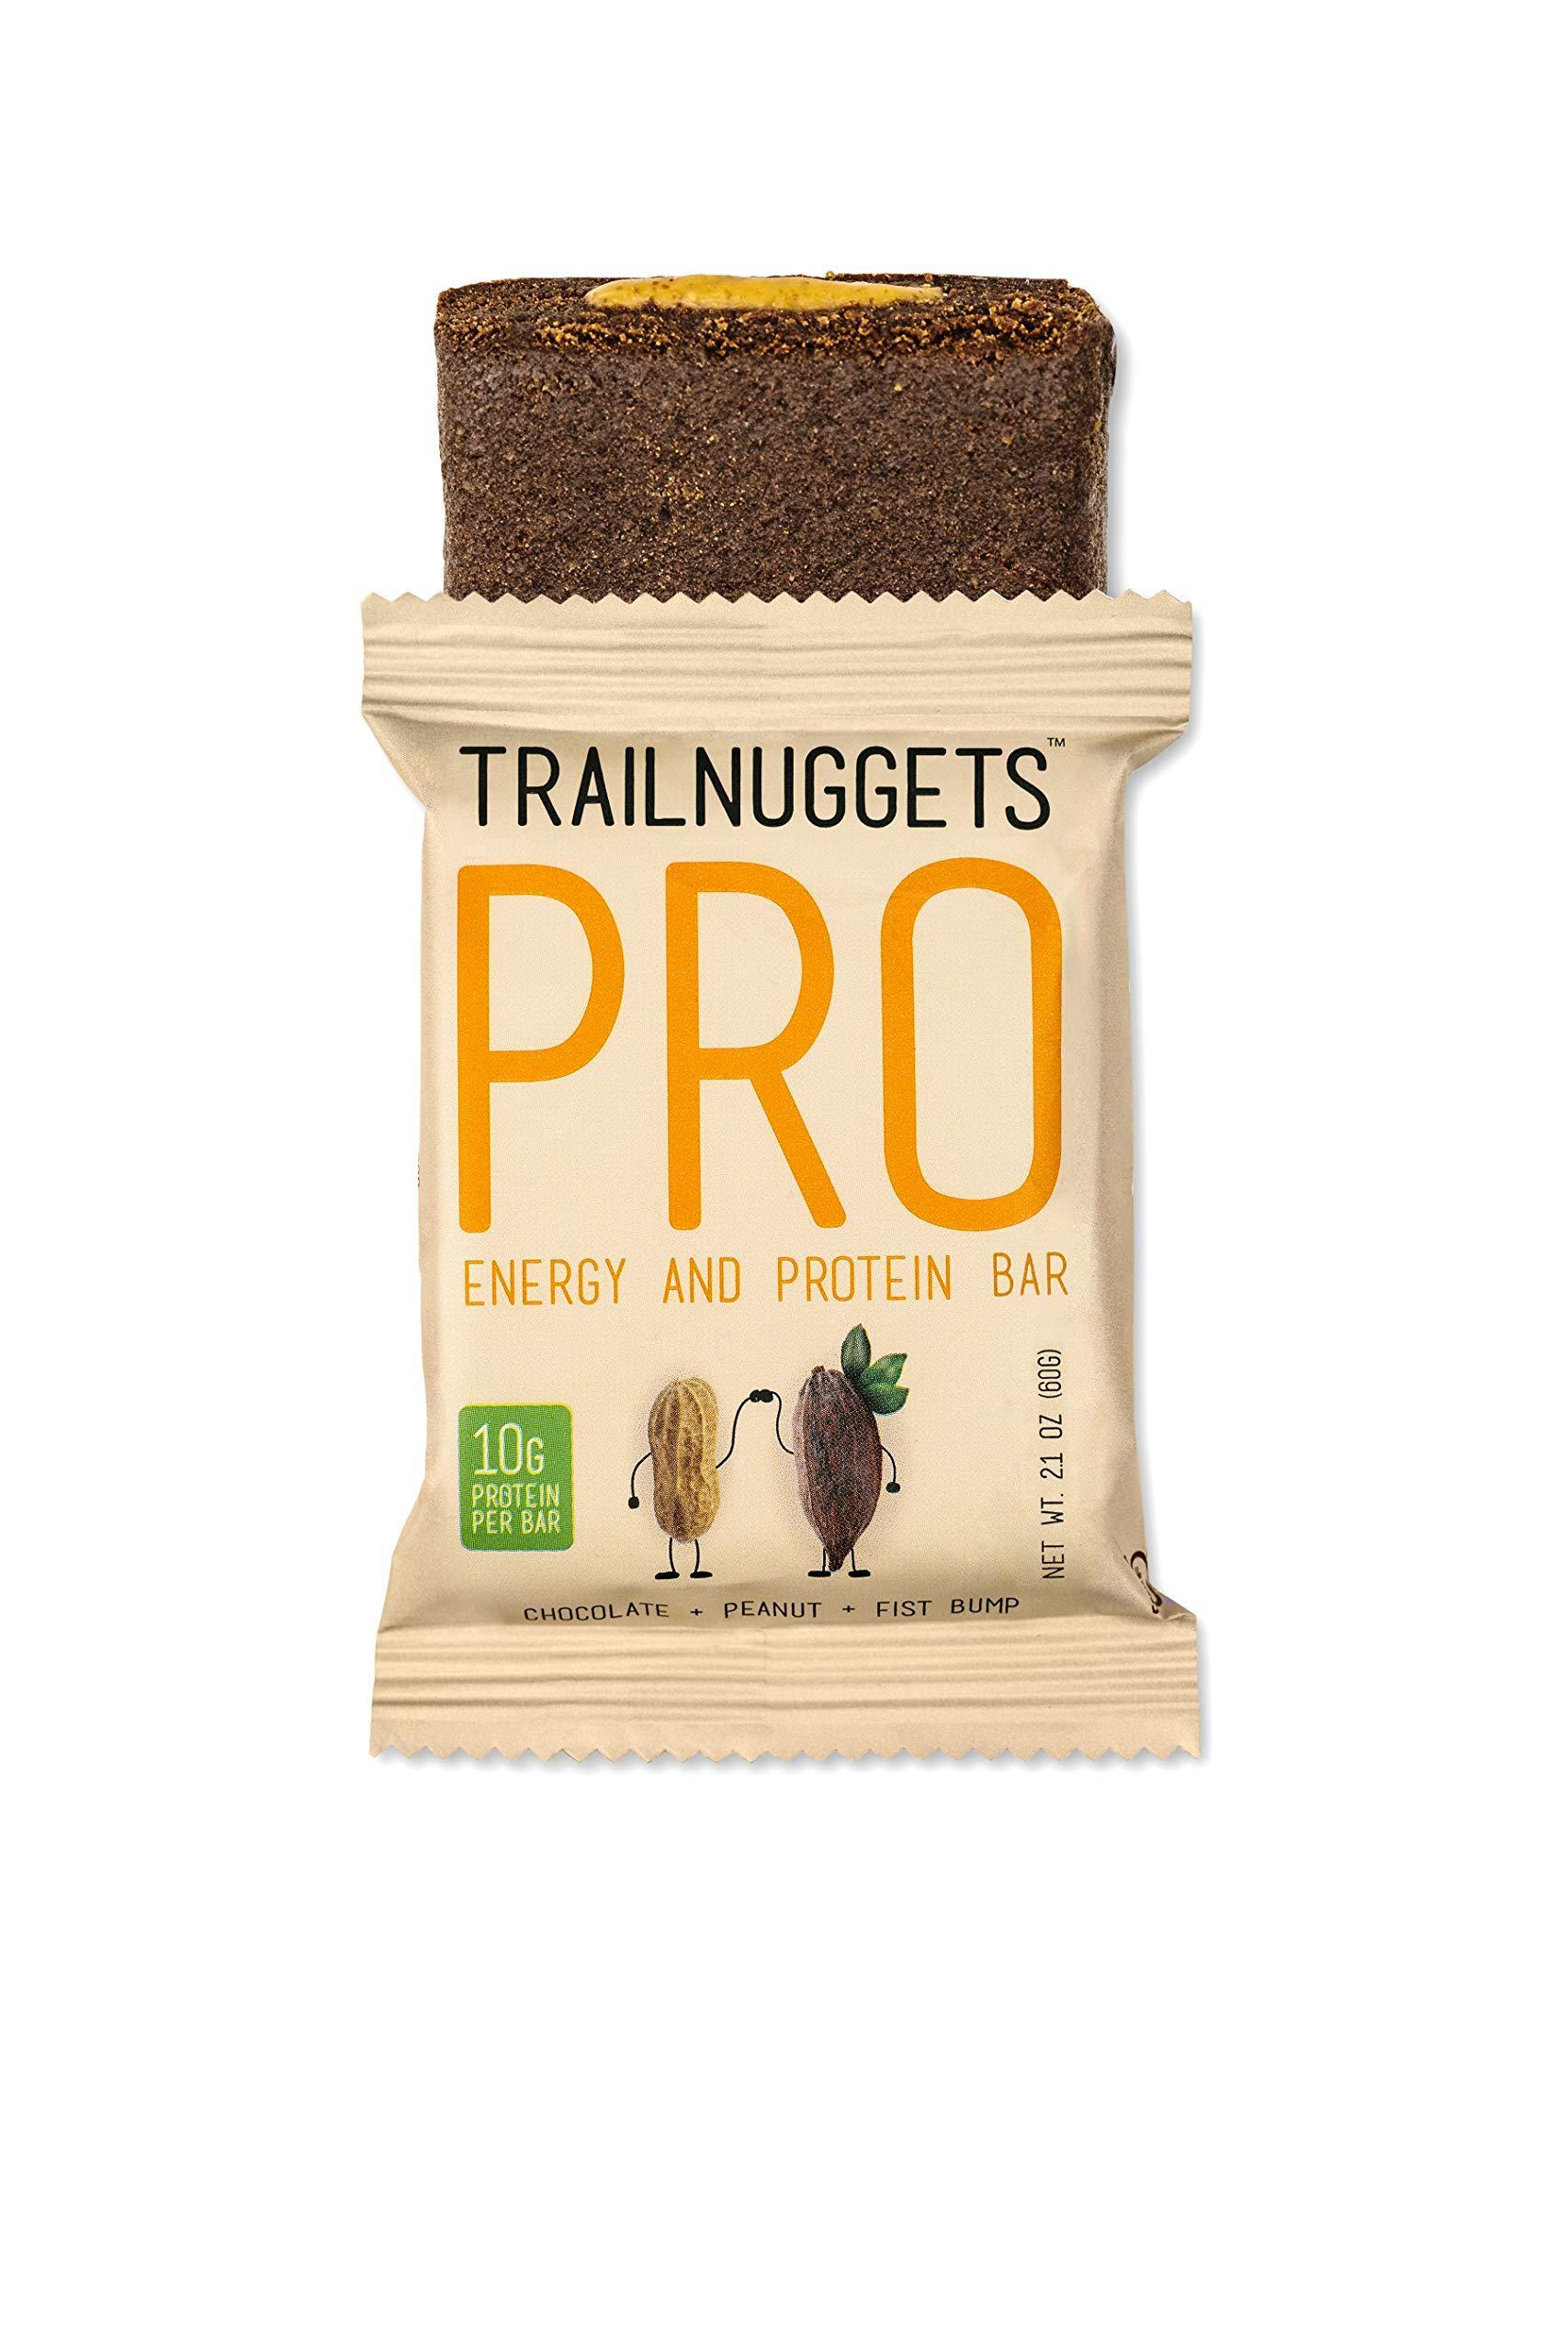 Trailnuggets PRO Energy Bar Peanut Coco by Trail Nuggets